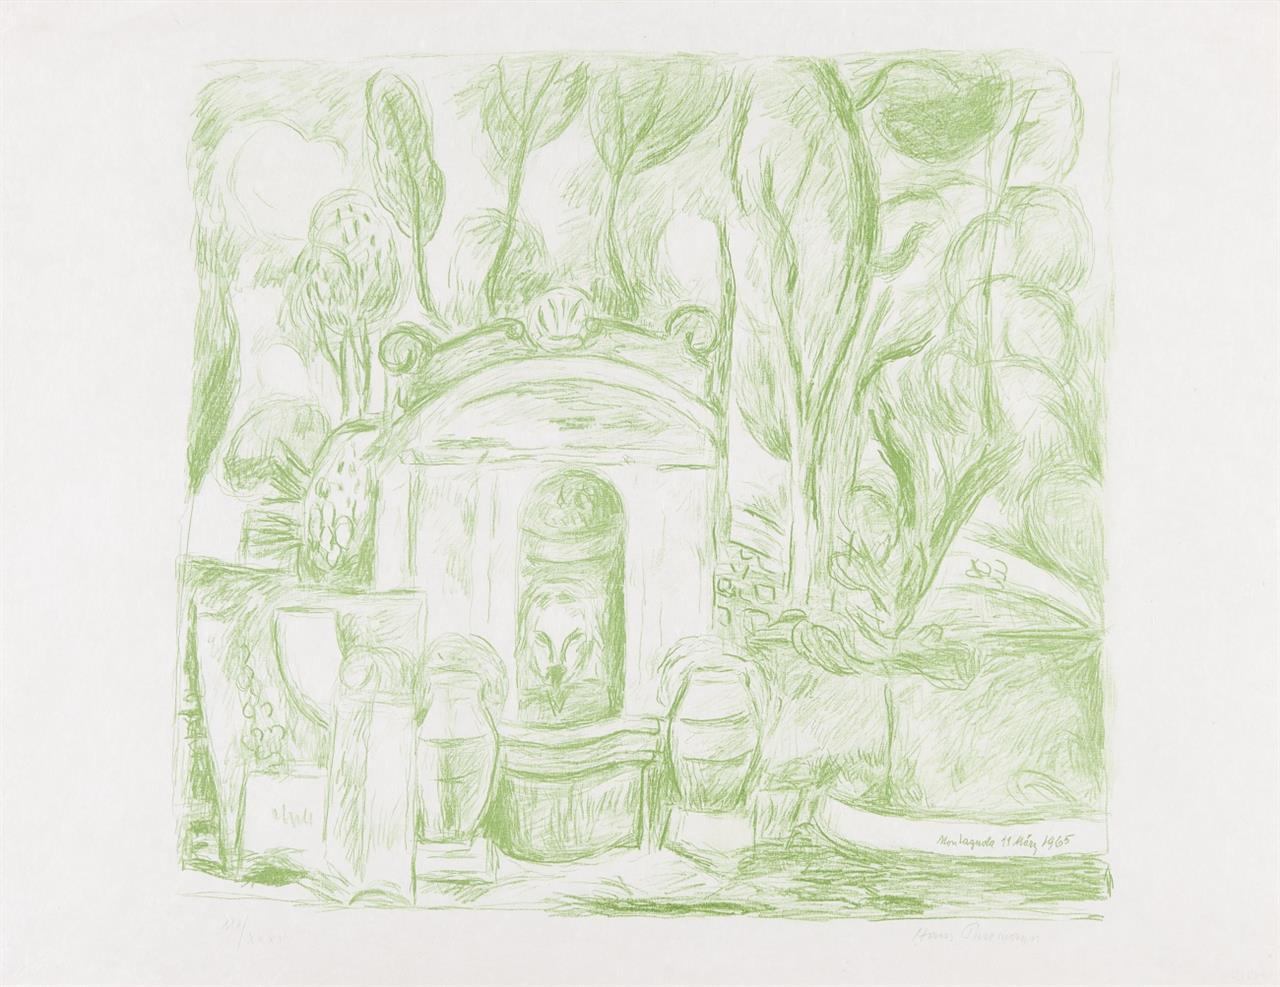 Hans Purrmann. Brunnen in Levanto (Montagnola). 1965. Lithographie in Grün. Signiert. Ex XXX/XXXV. Heilmann 123. / Dasselbe. Ex. 32/65.